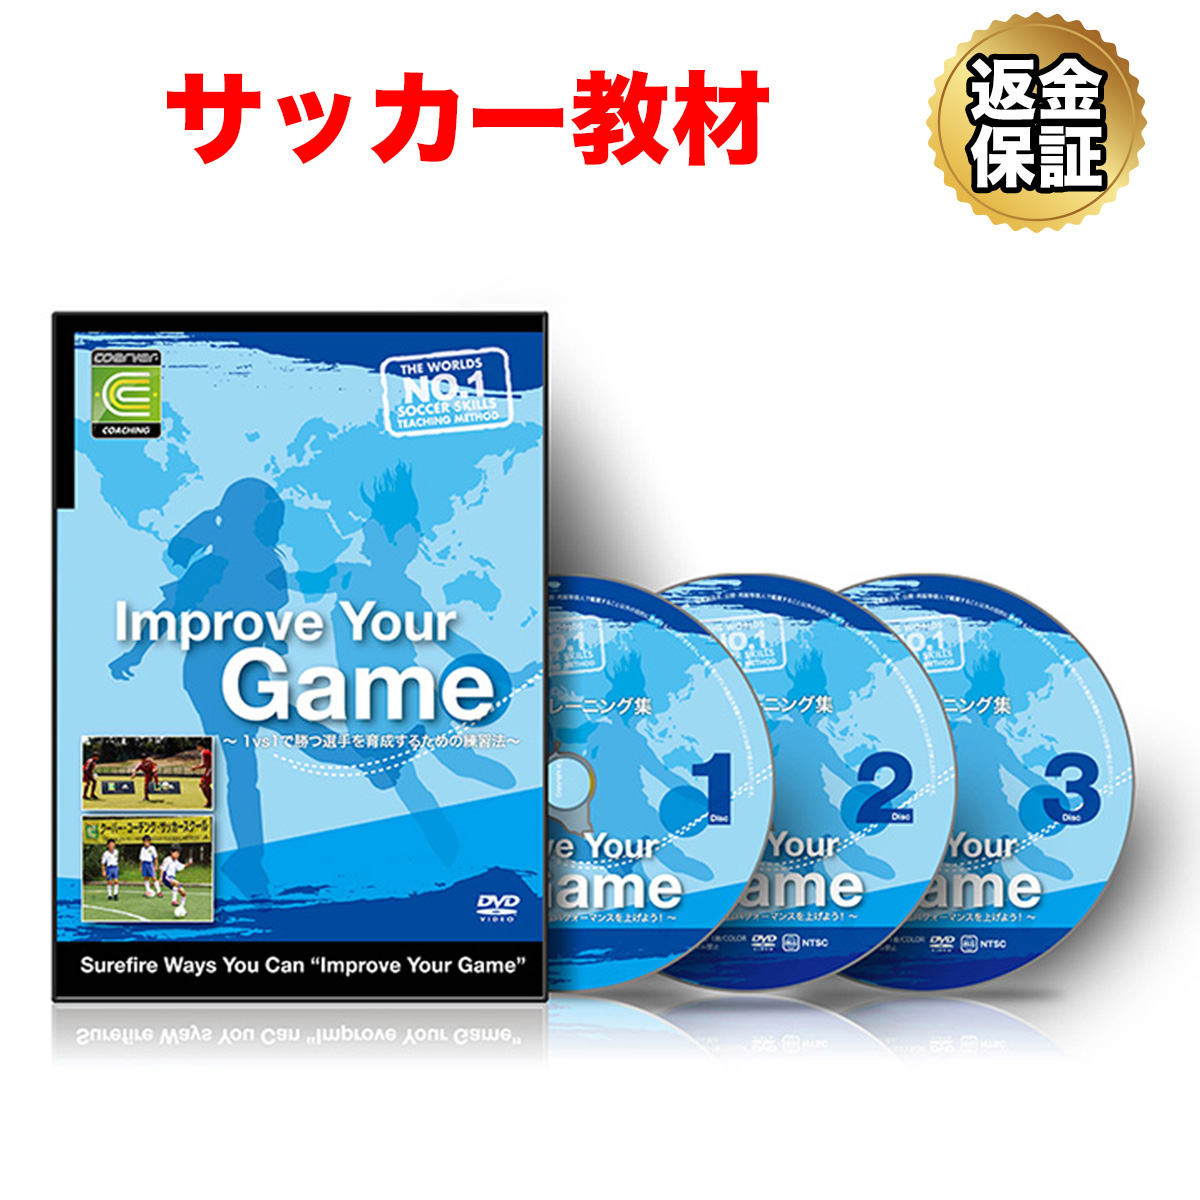 【サッカー】Improve Your Game ~1対1スキルを向上させるための練習法